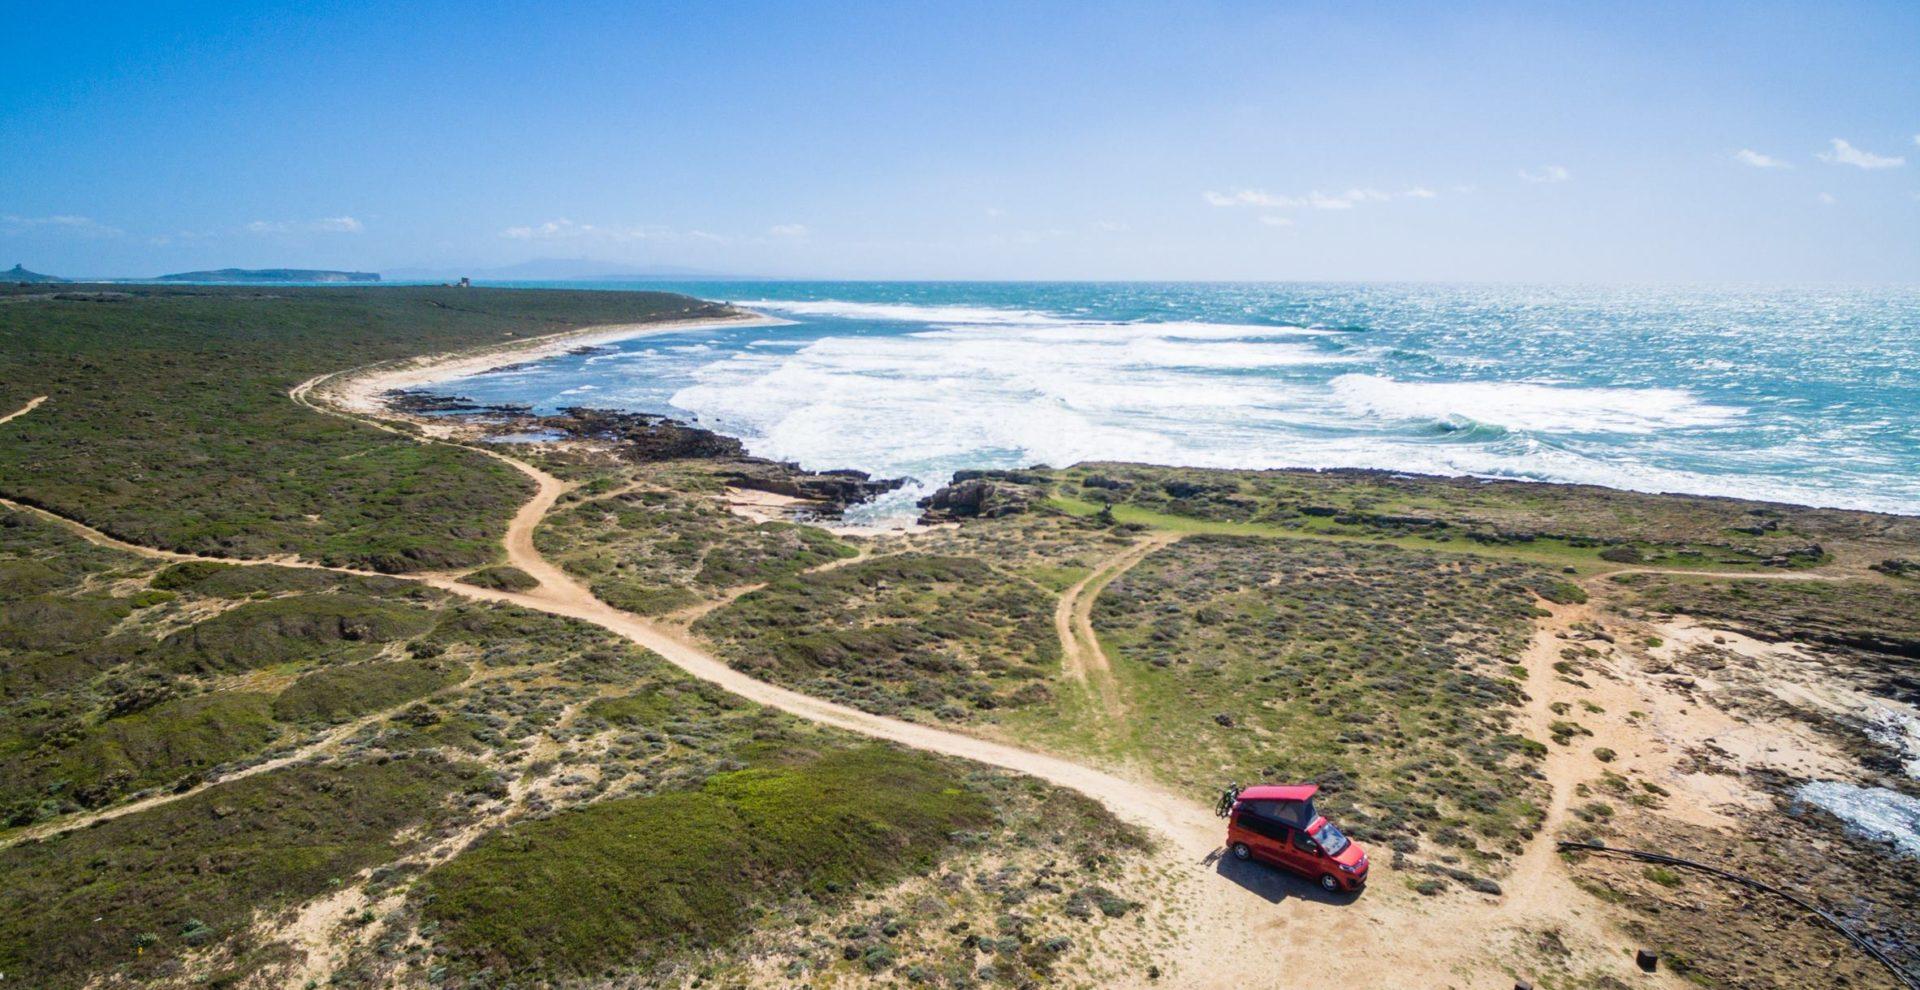 Les côtes avec la mer et un van sur la route